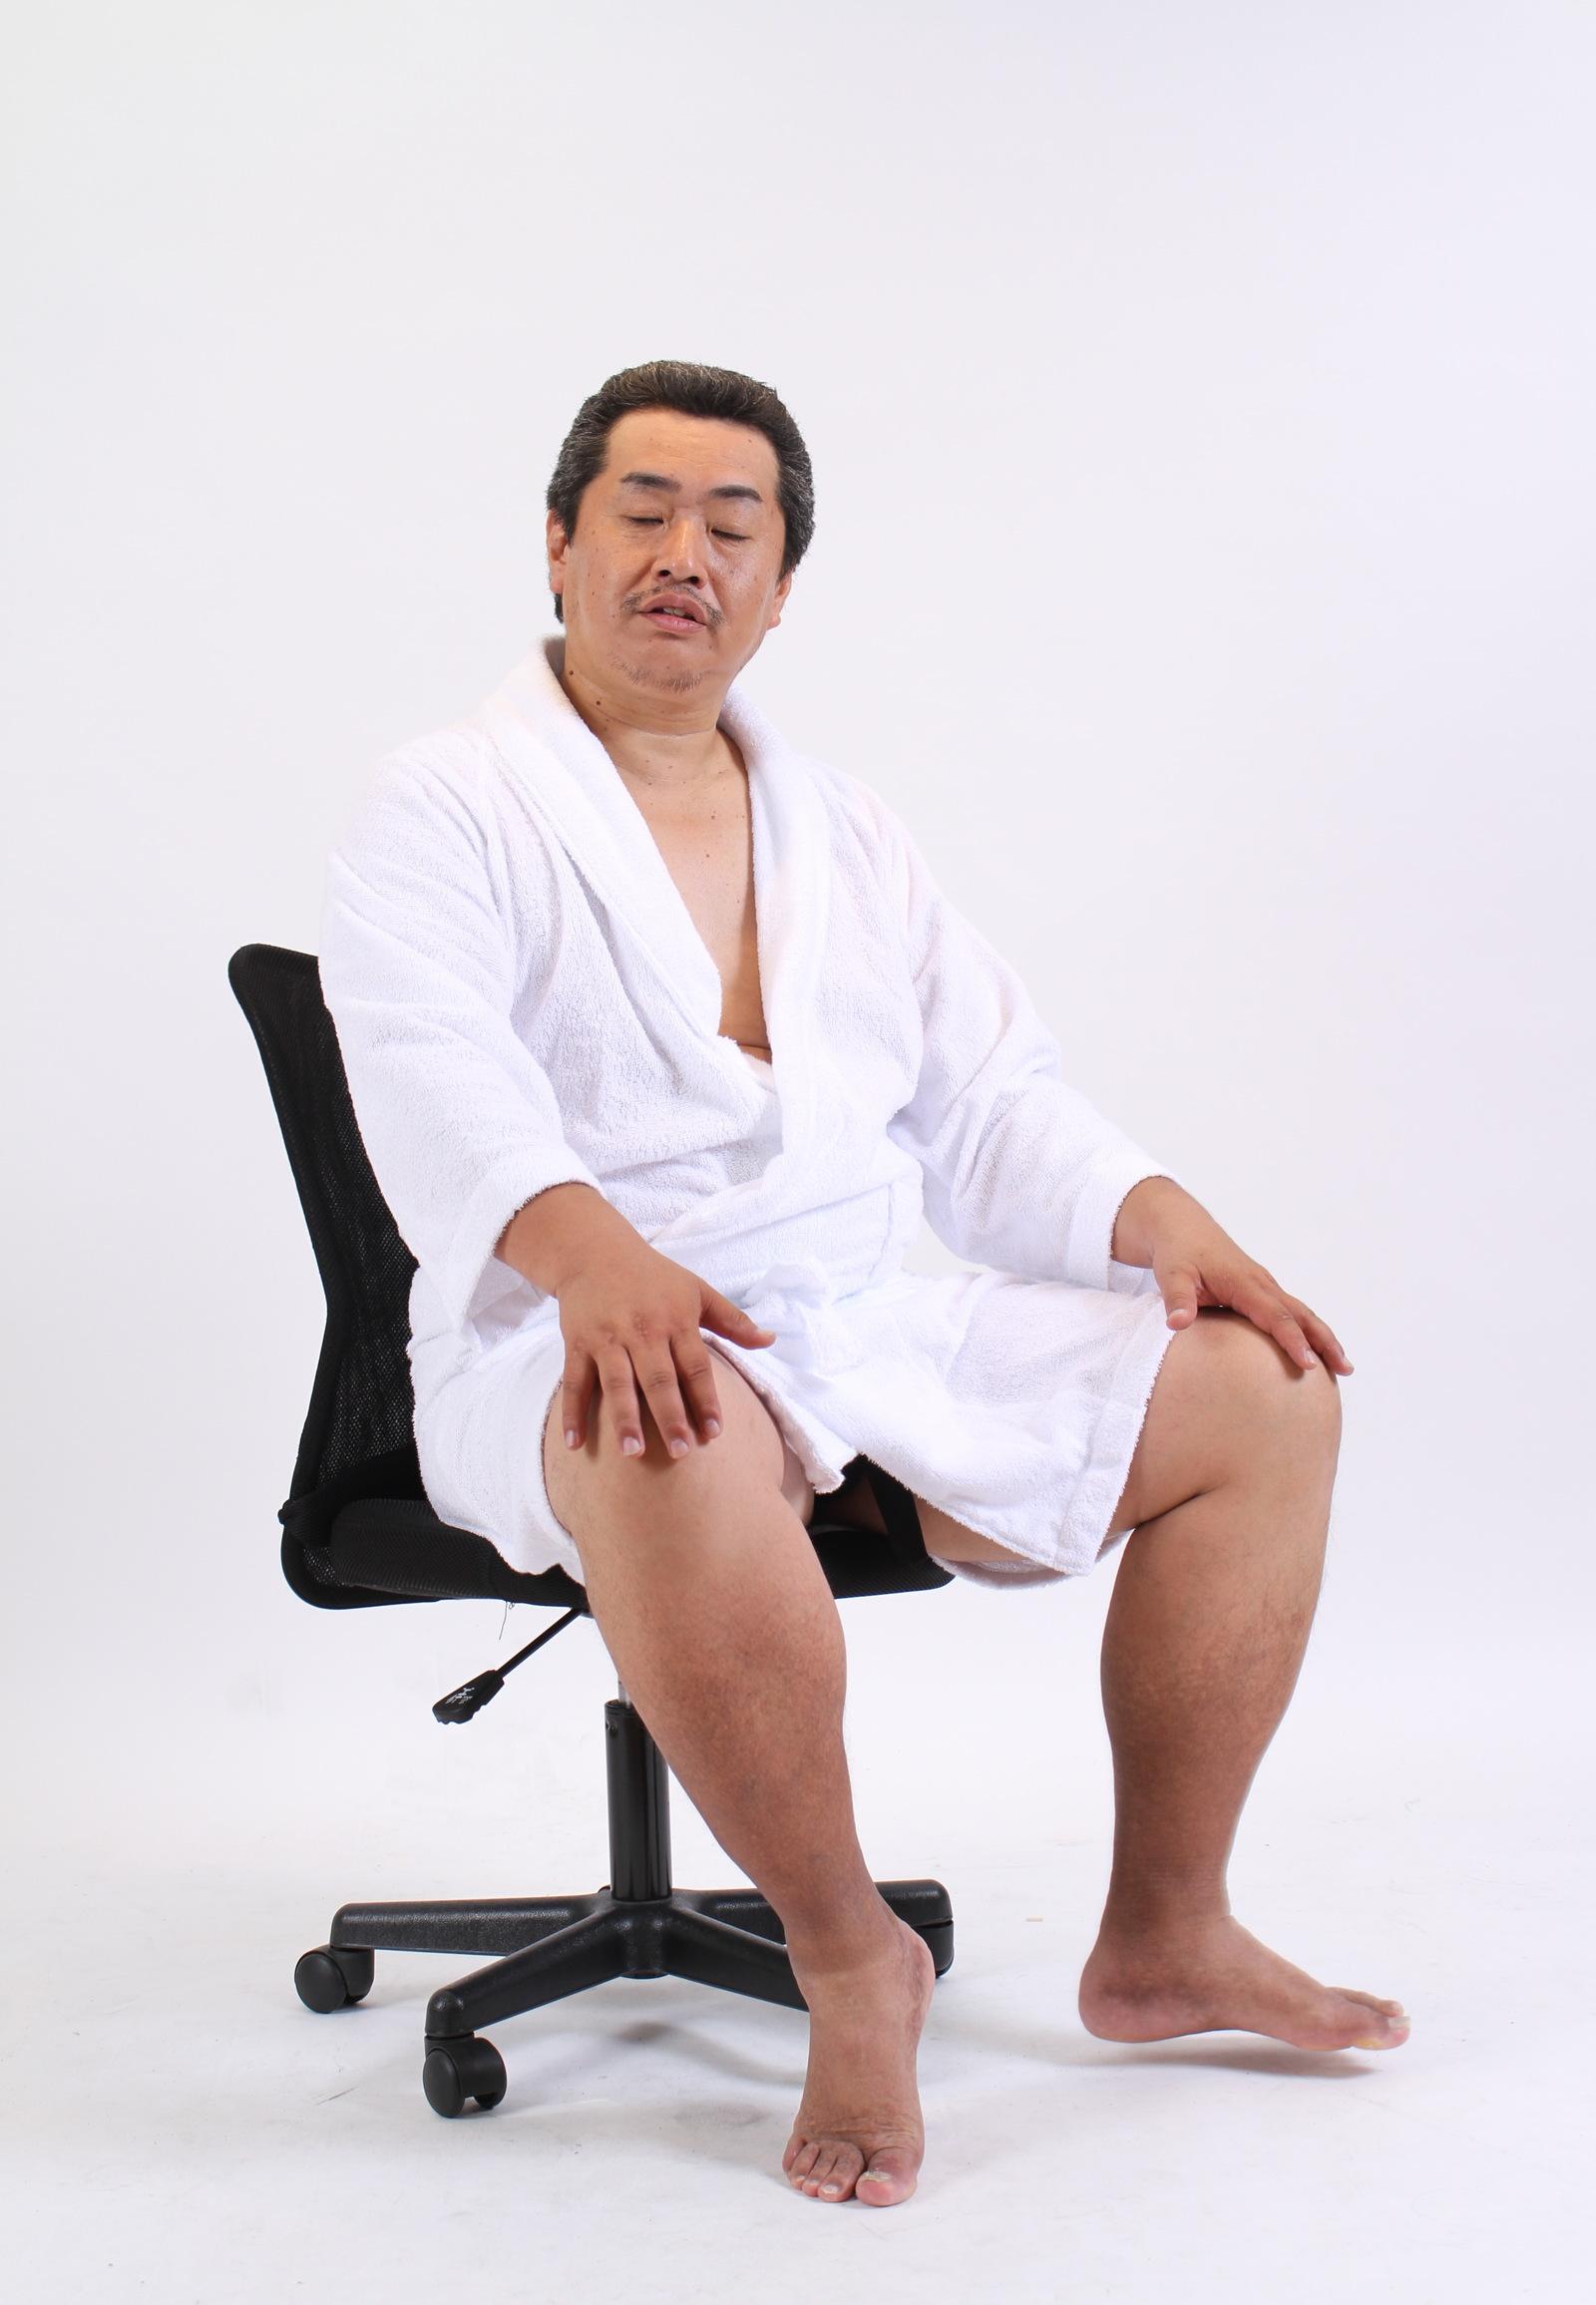 [02]「座りながら左足を少し上げて下さい」,シニア,写真,画像,素材,老人,高齢者,フリー